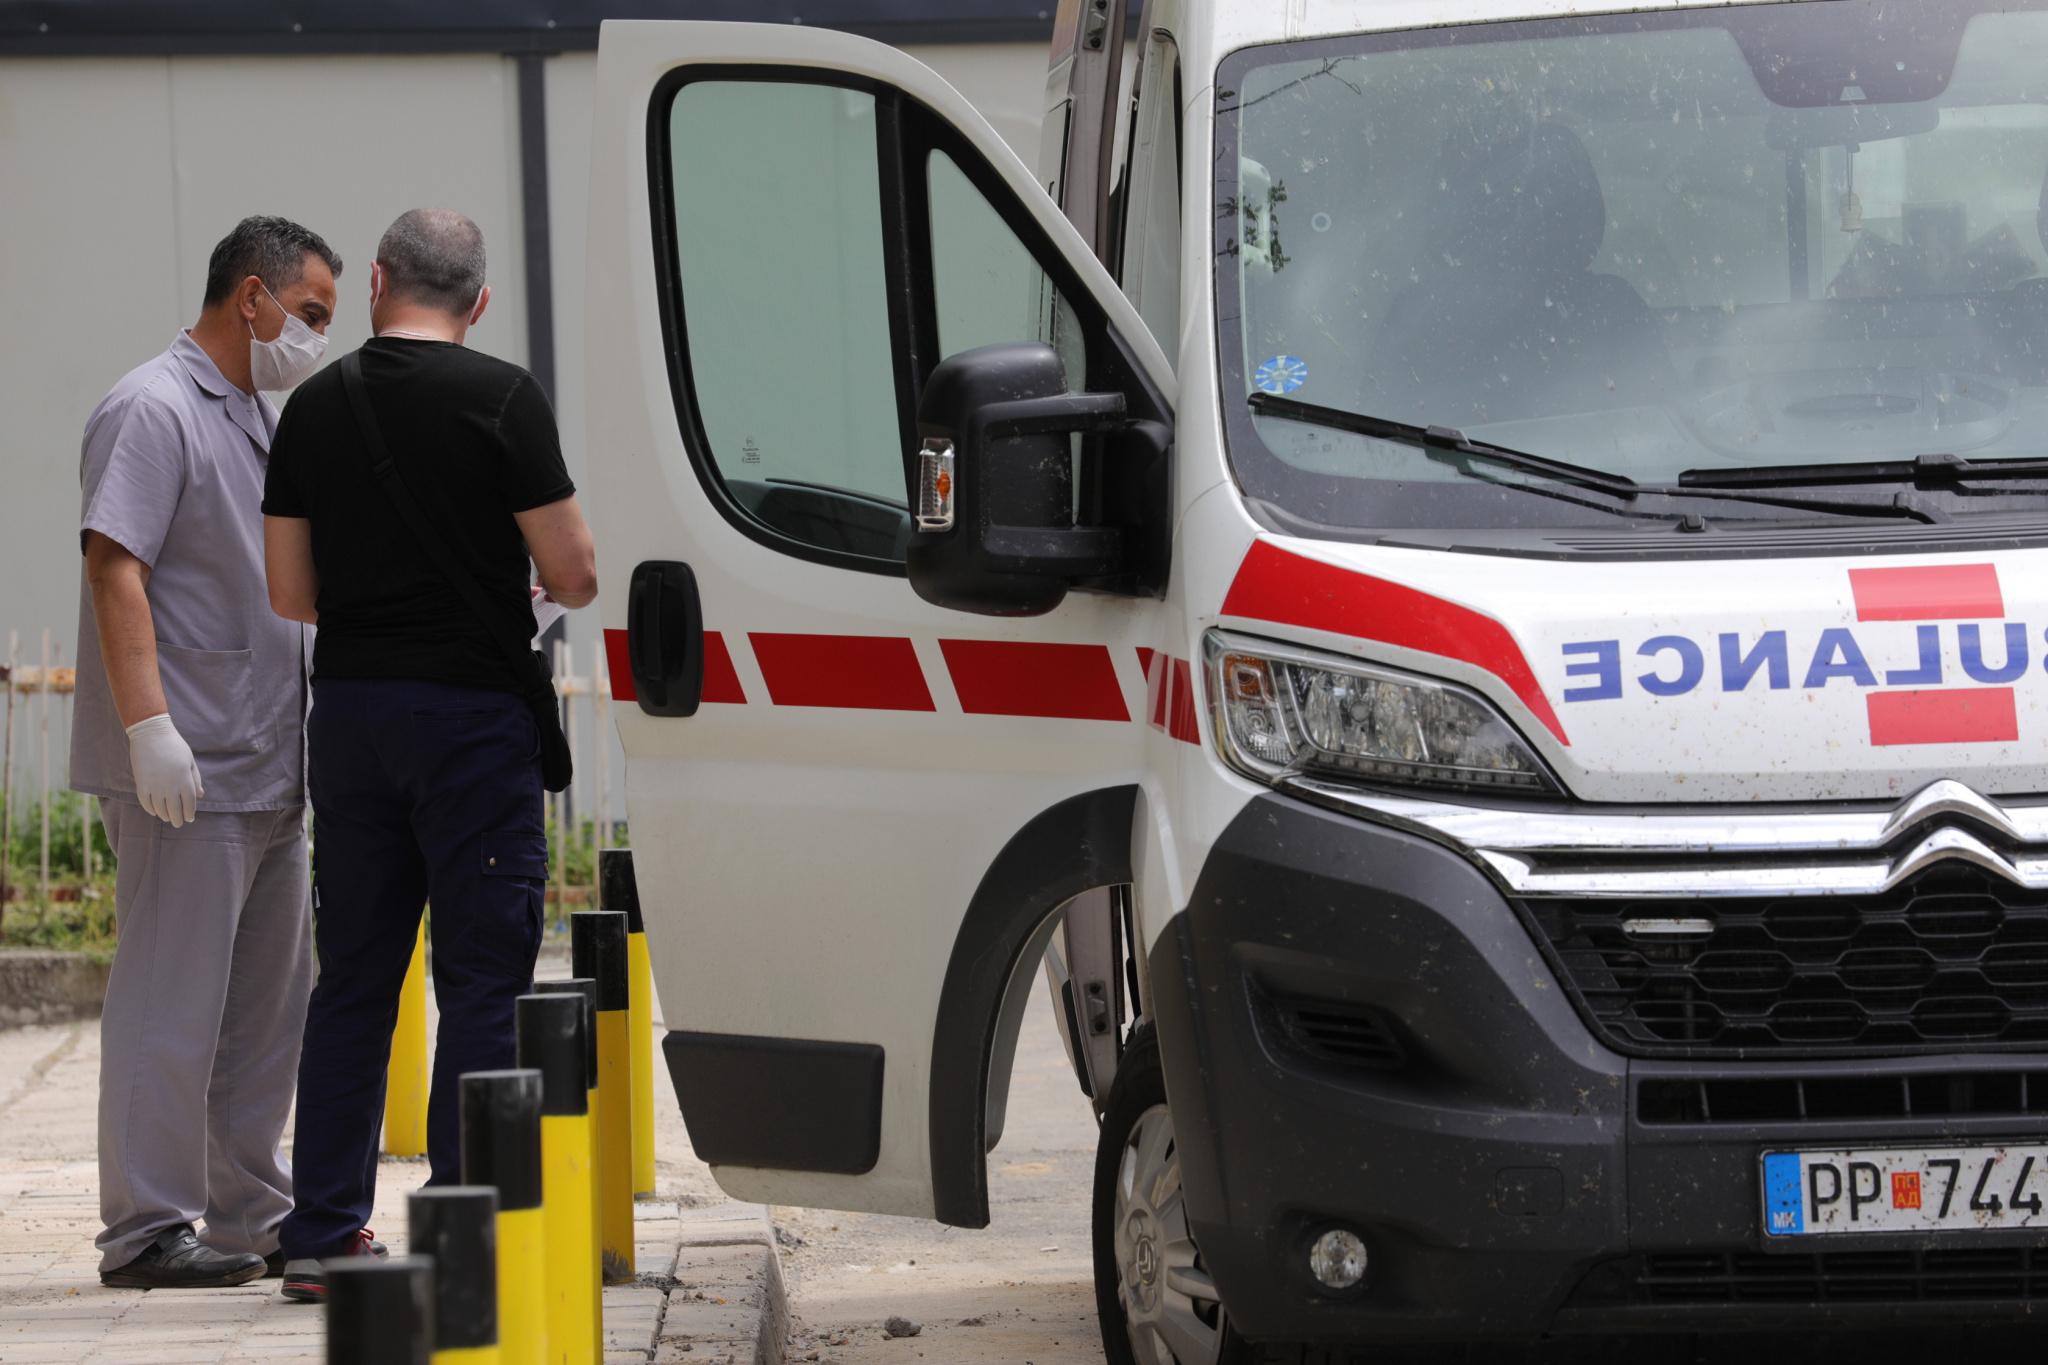 Денес се регистрирани 561 нов случај на Ковид 19, пријавени се 29 починати лица